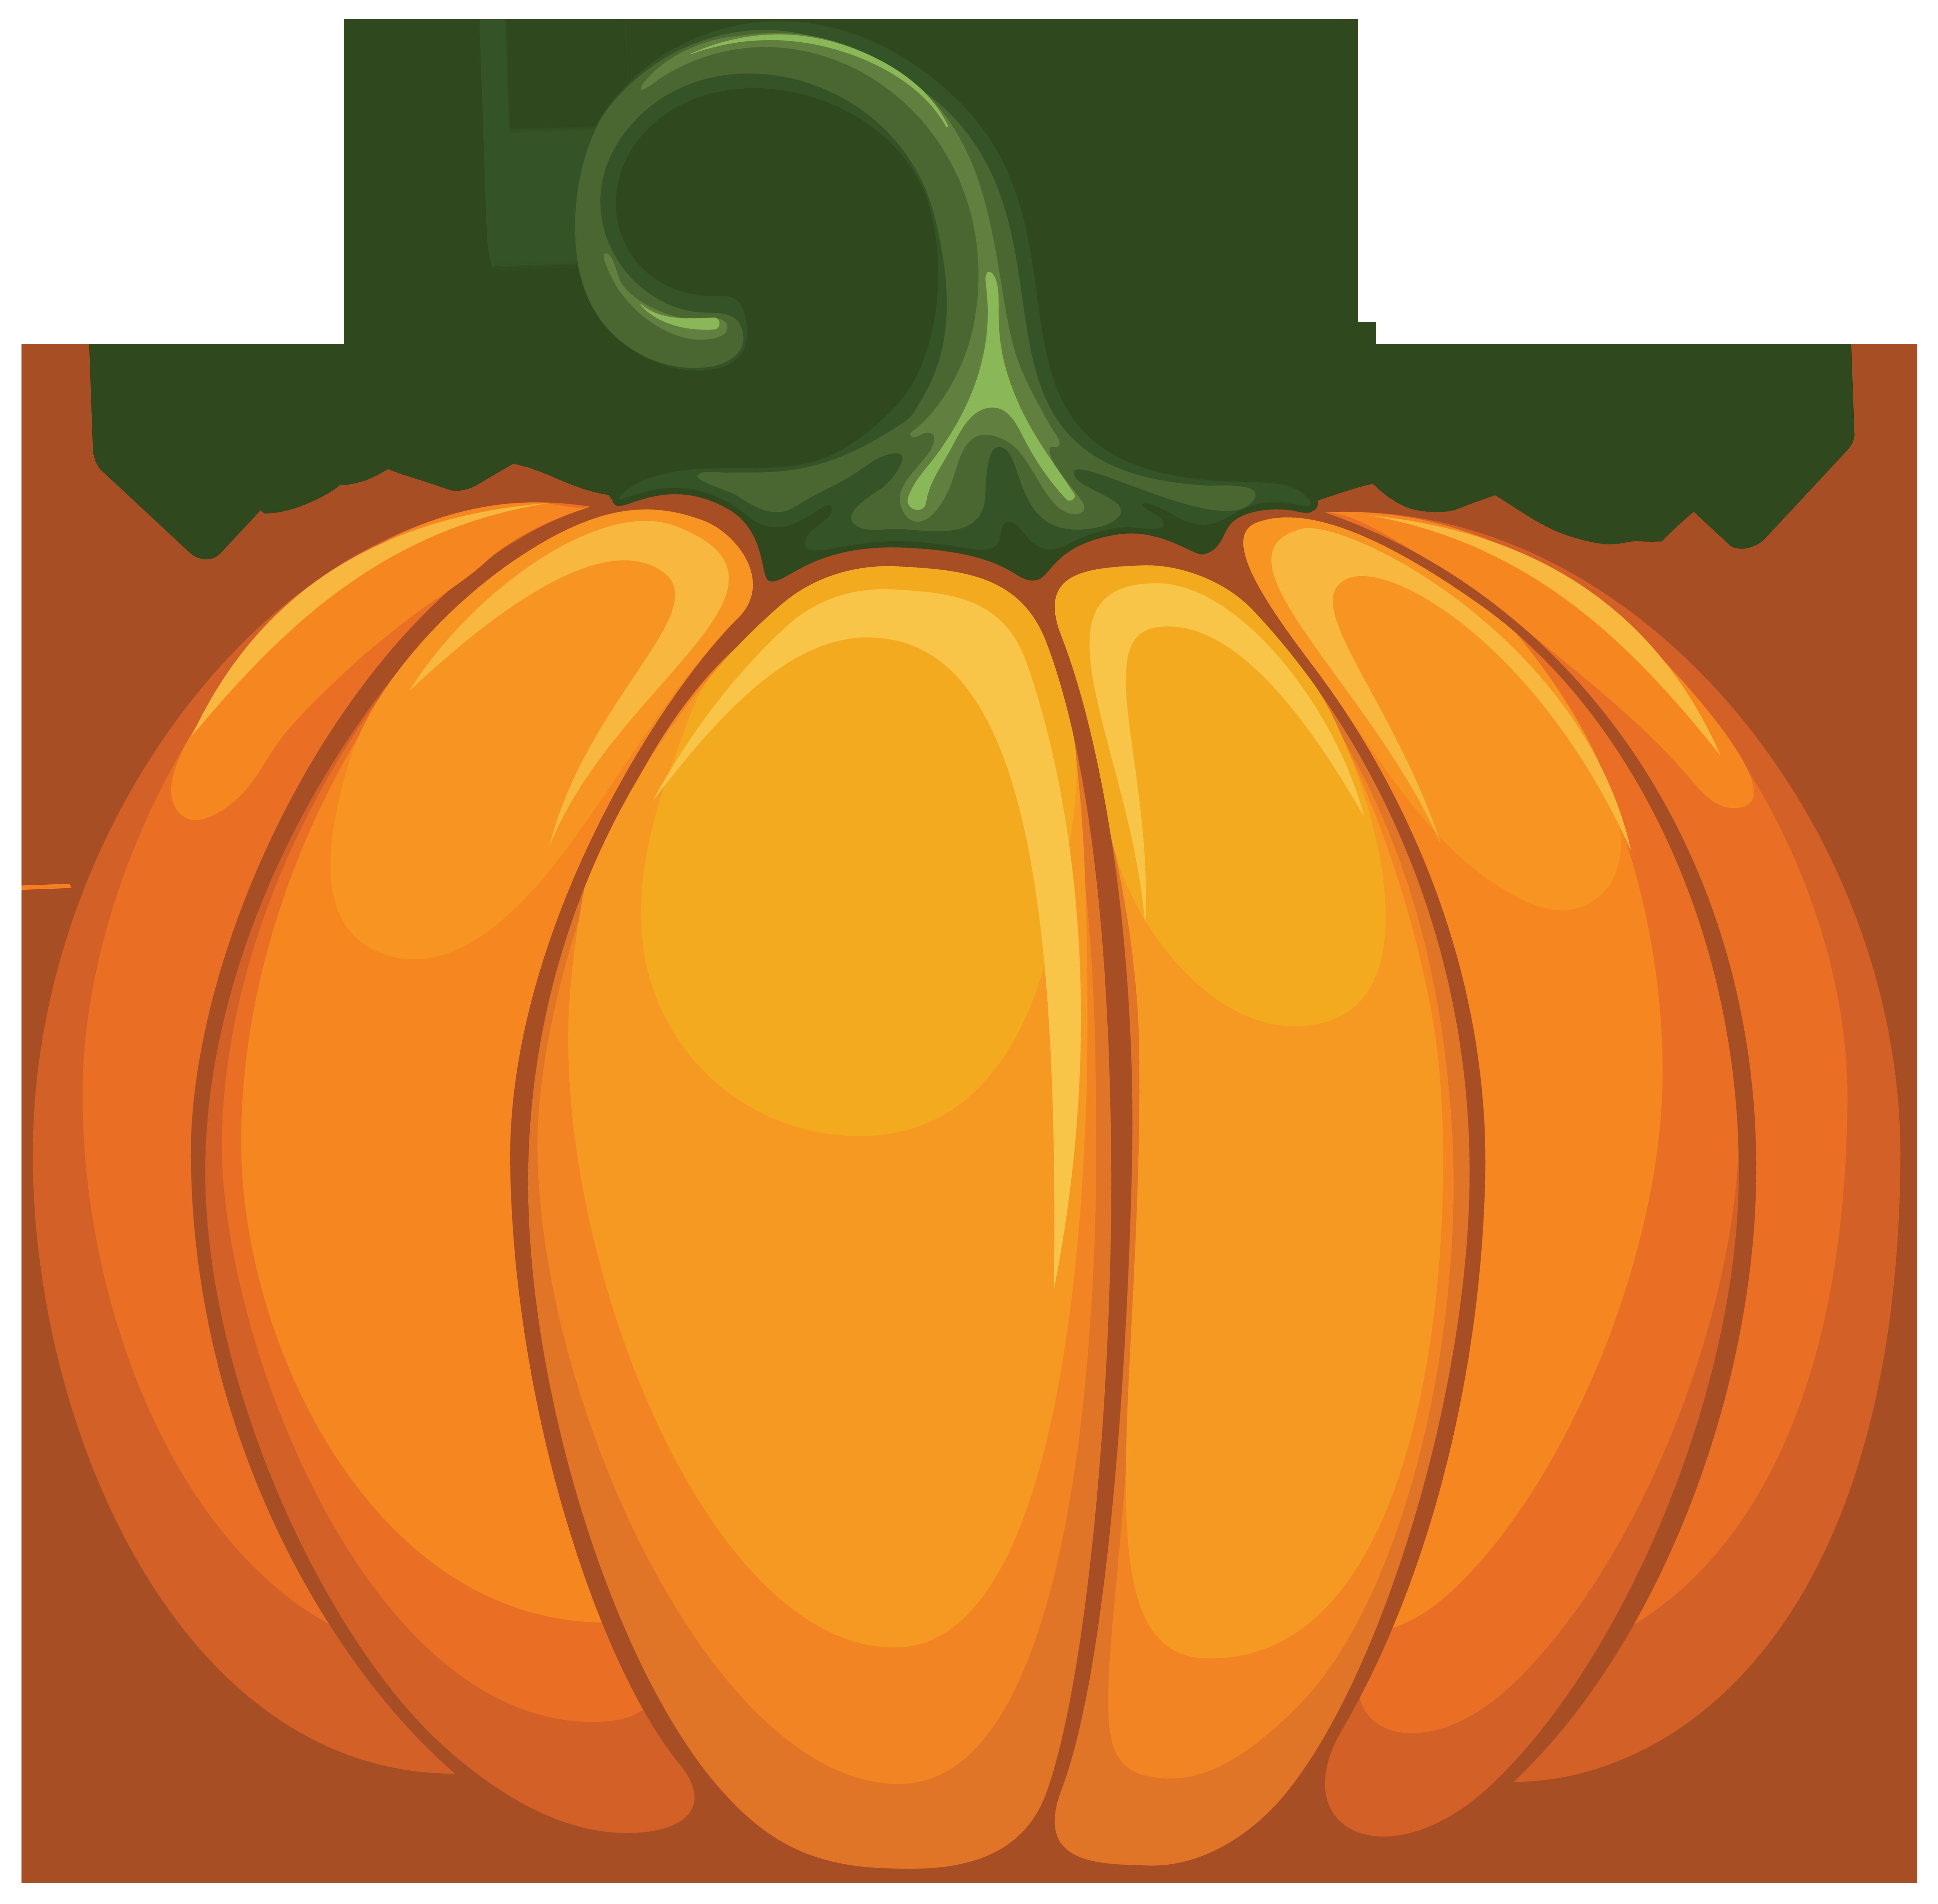 Pumpkin Clipart Png.